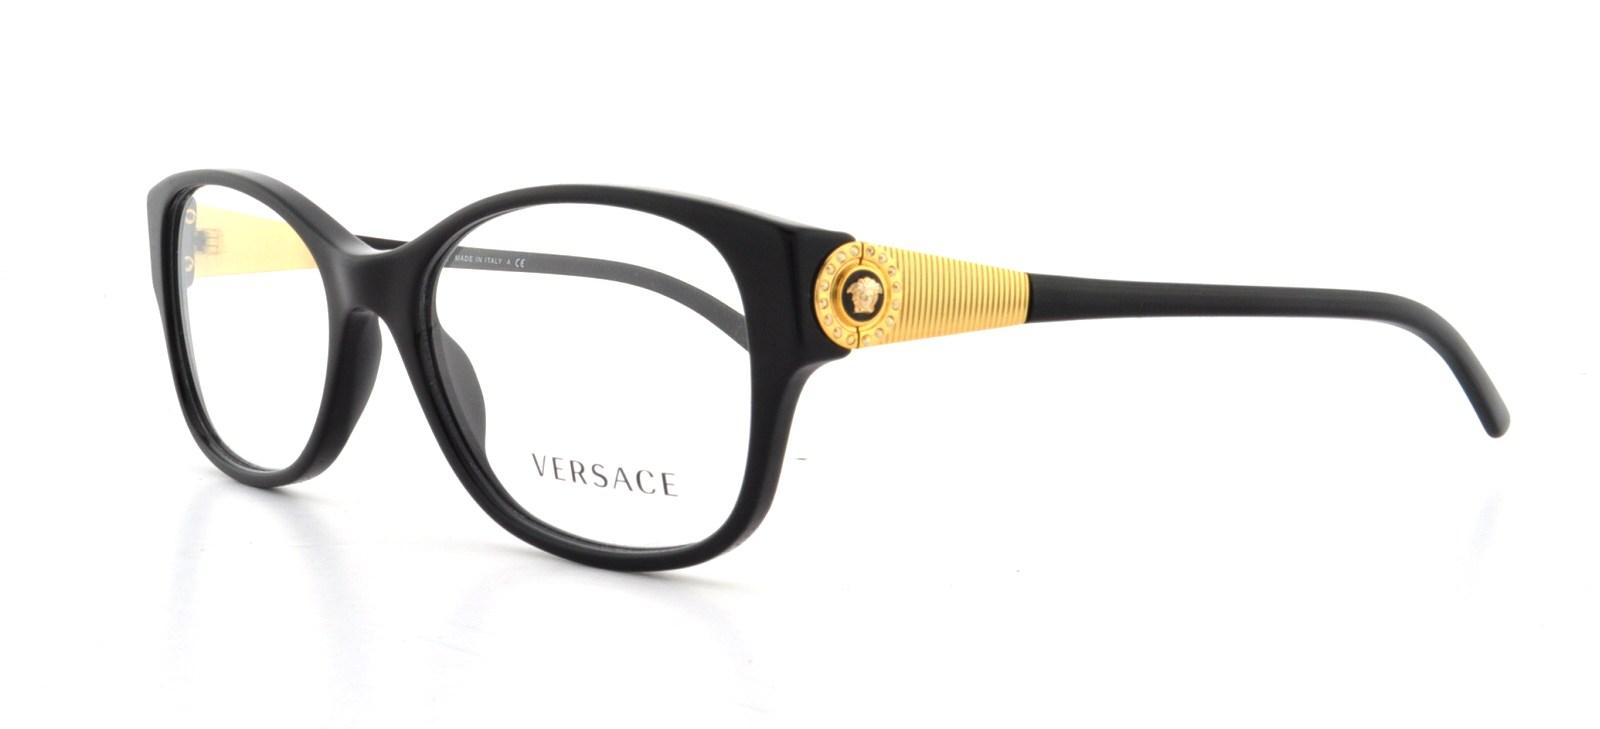 Designer Frames Outlet. Versace VE3168B